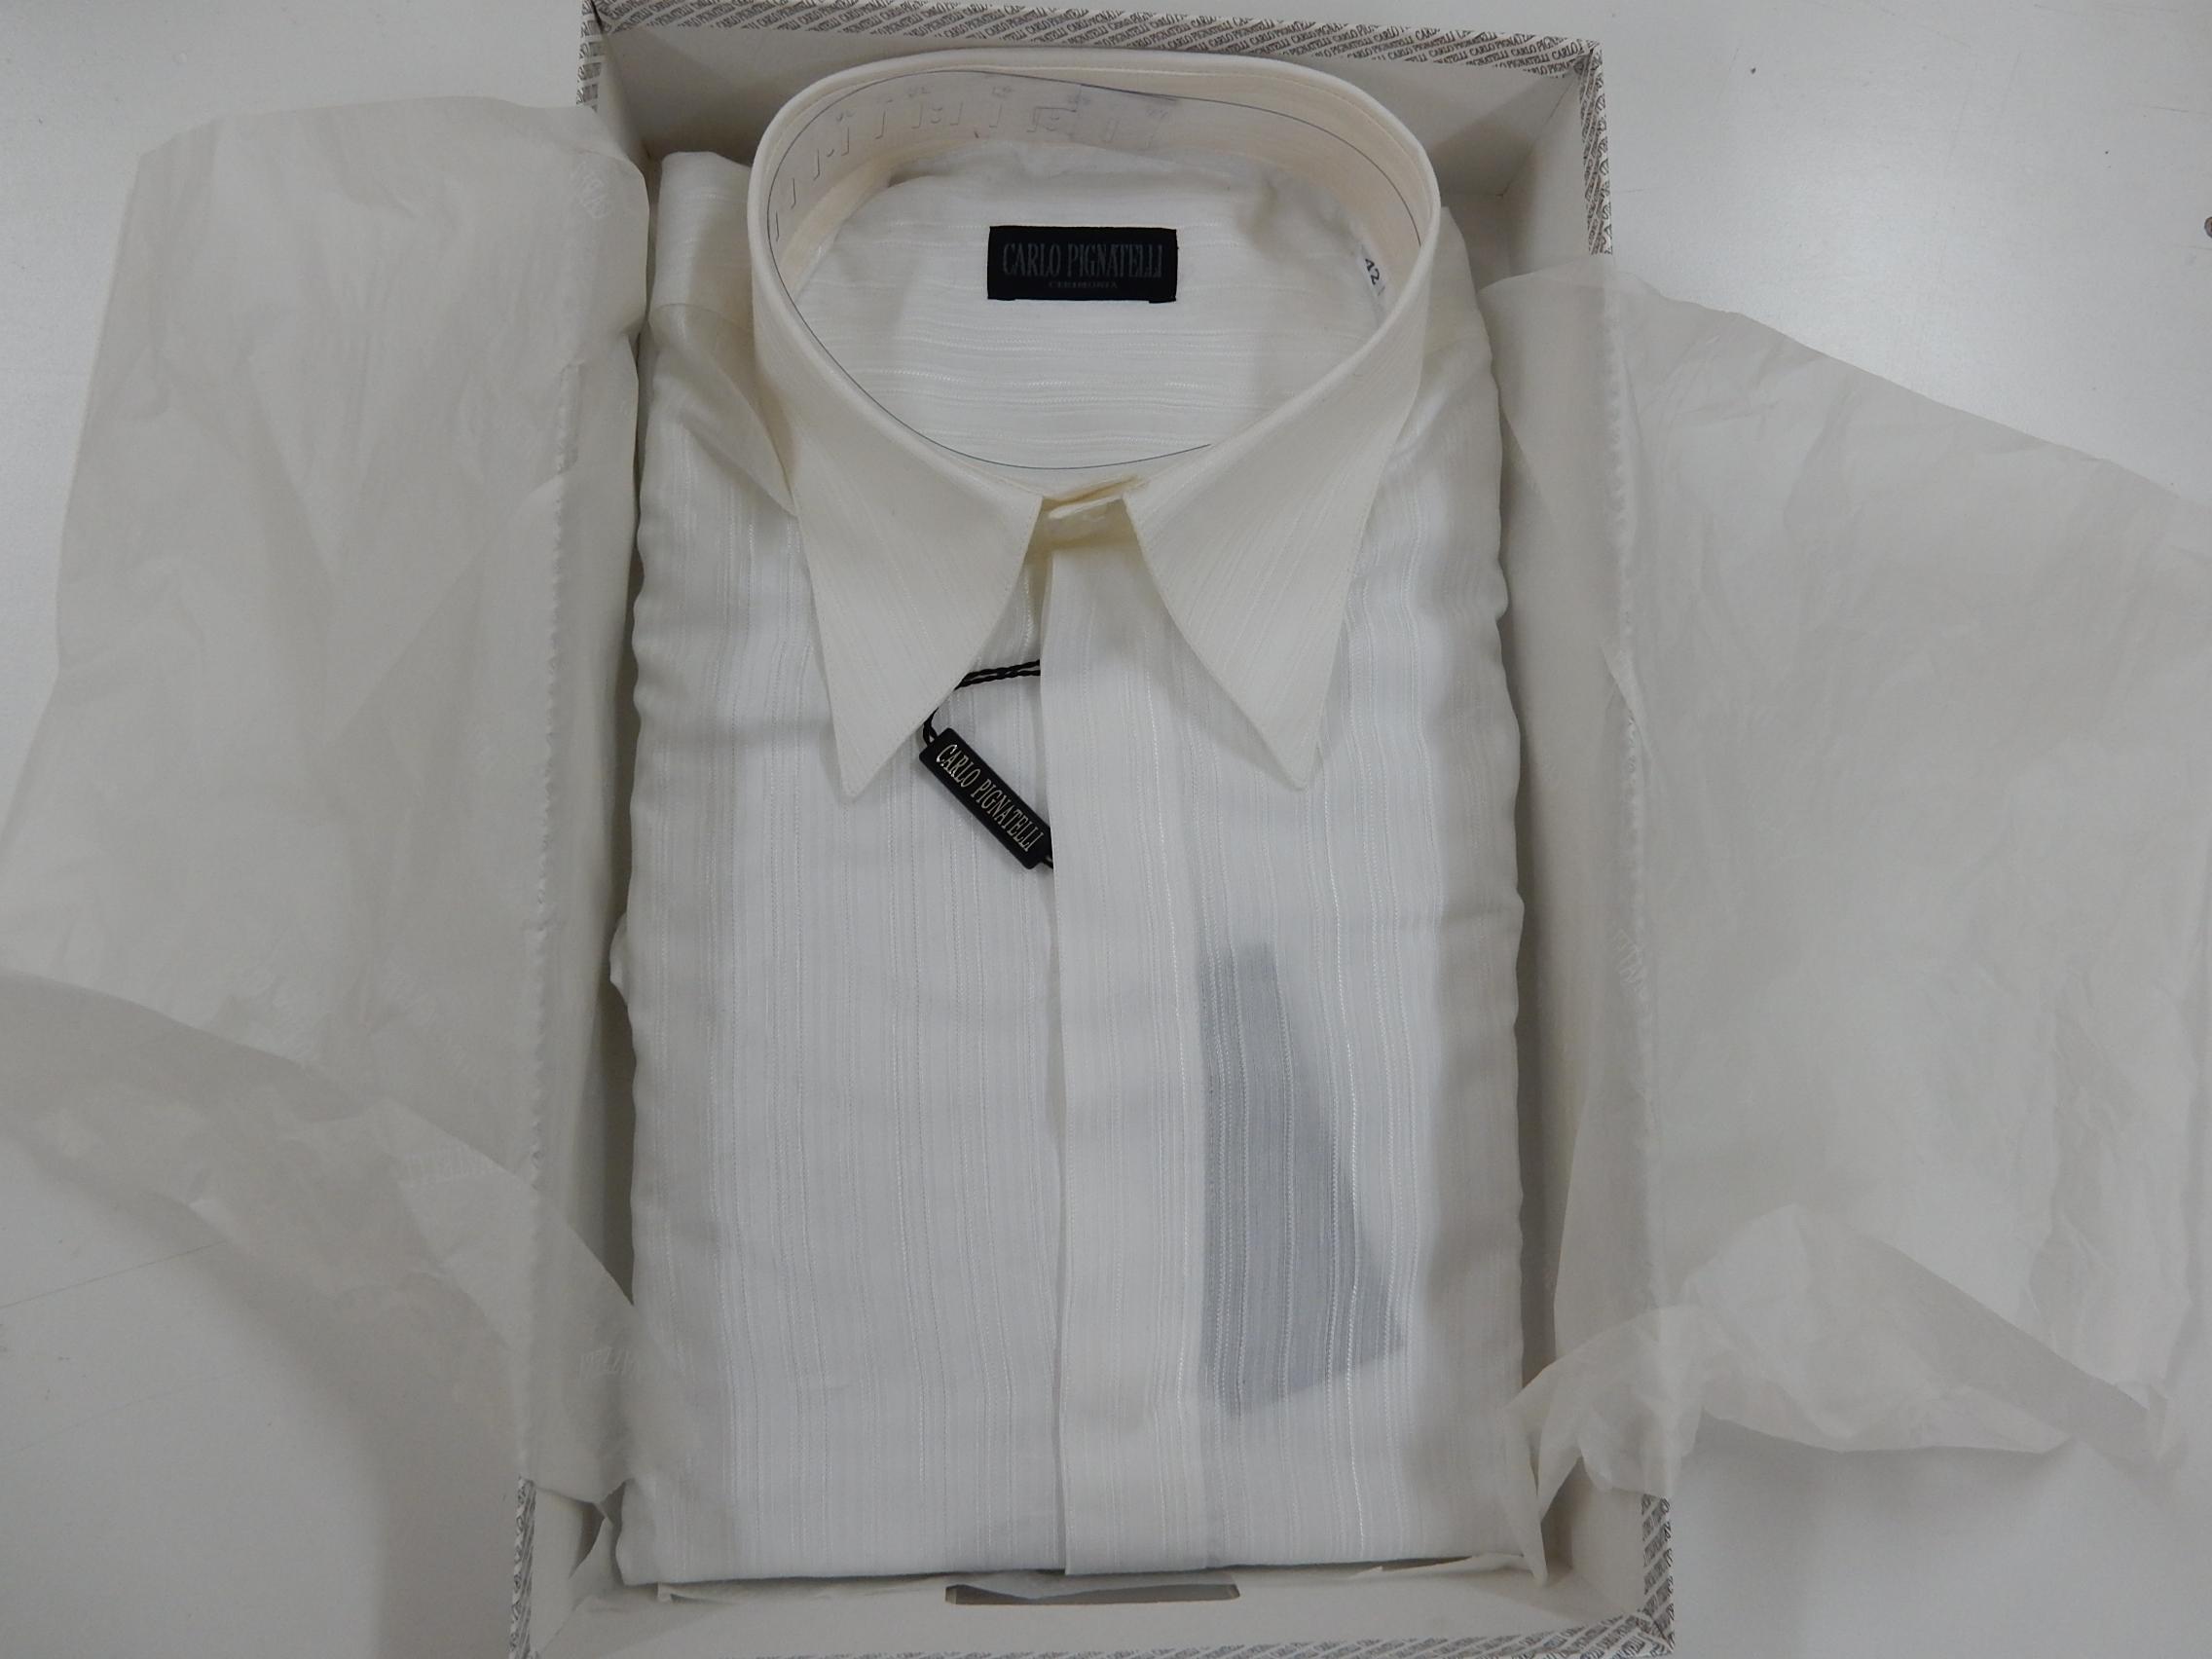 Rif. 21) Camicia Carlo Pignatelli taglia 42